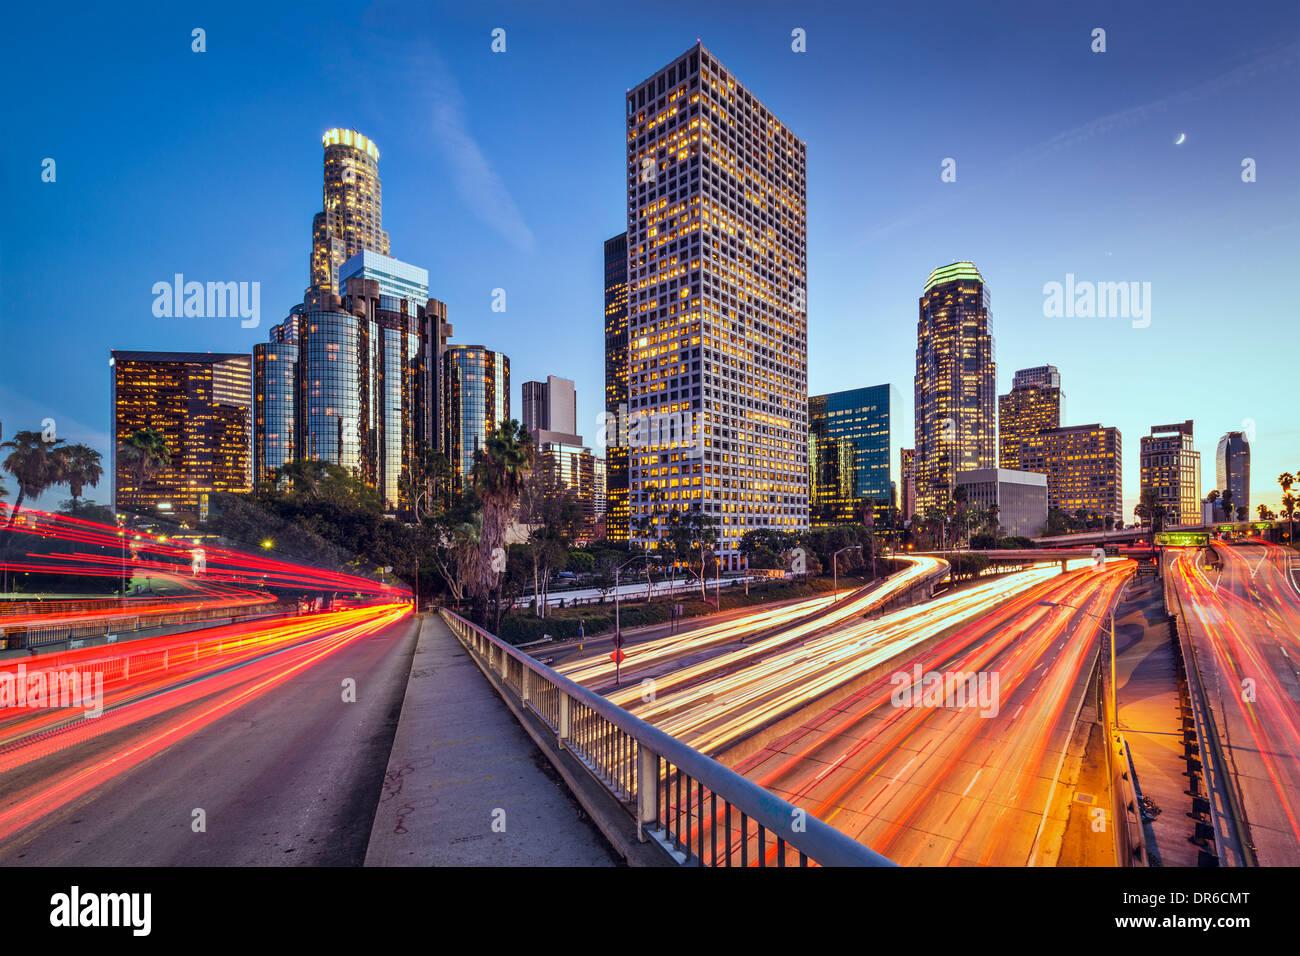 Los Angeles, Californie, USA sur le centre-ville au crépuscule. Photo Stock